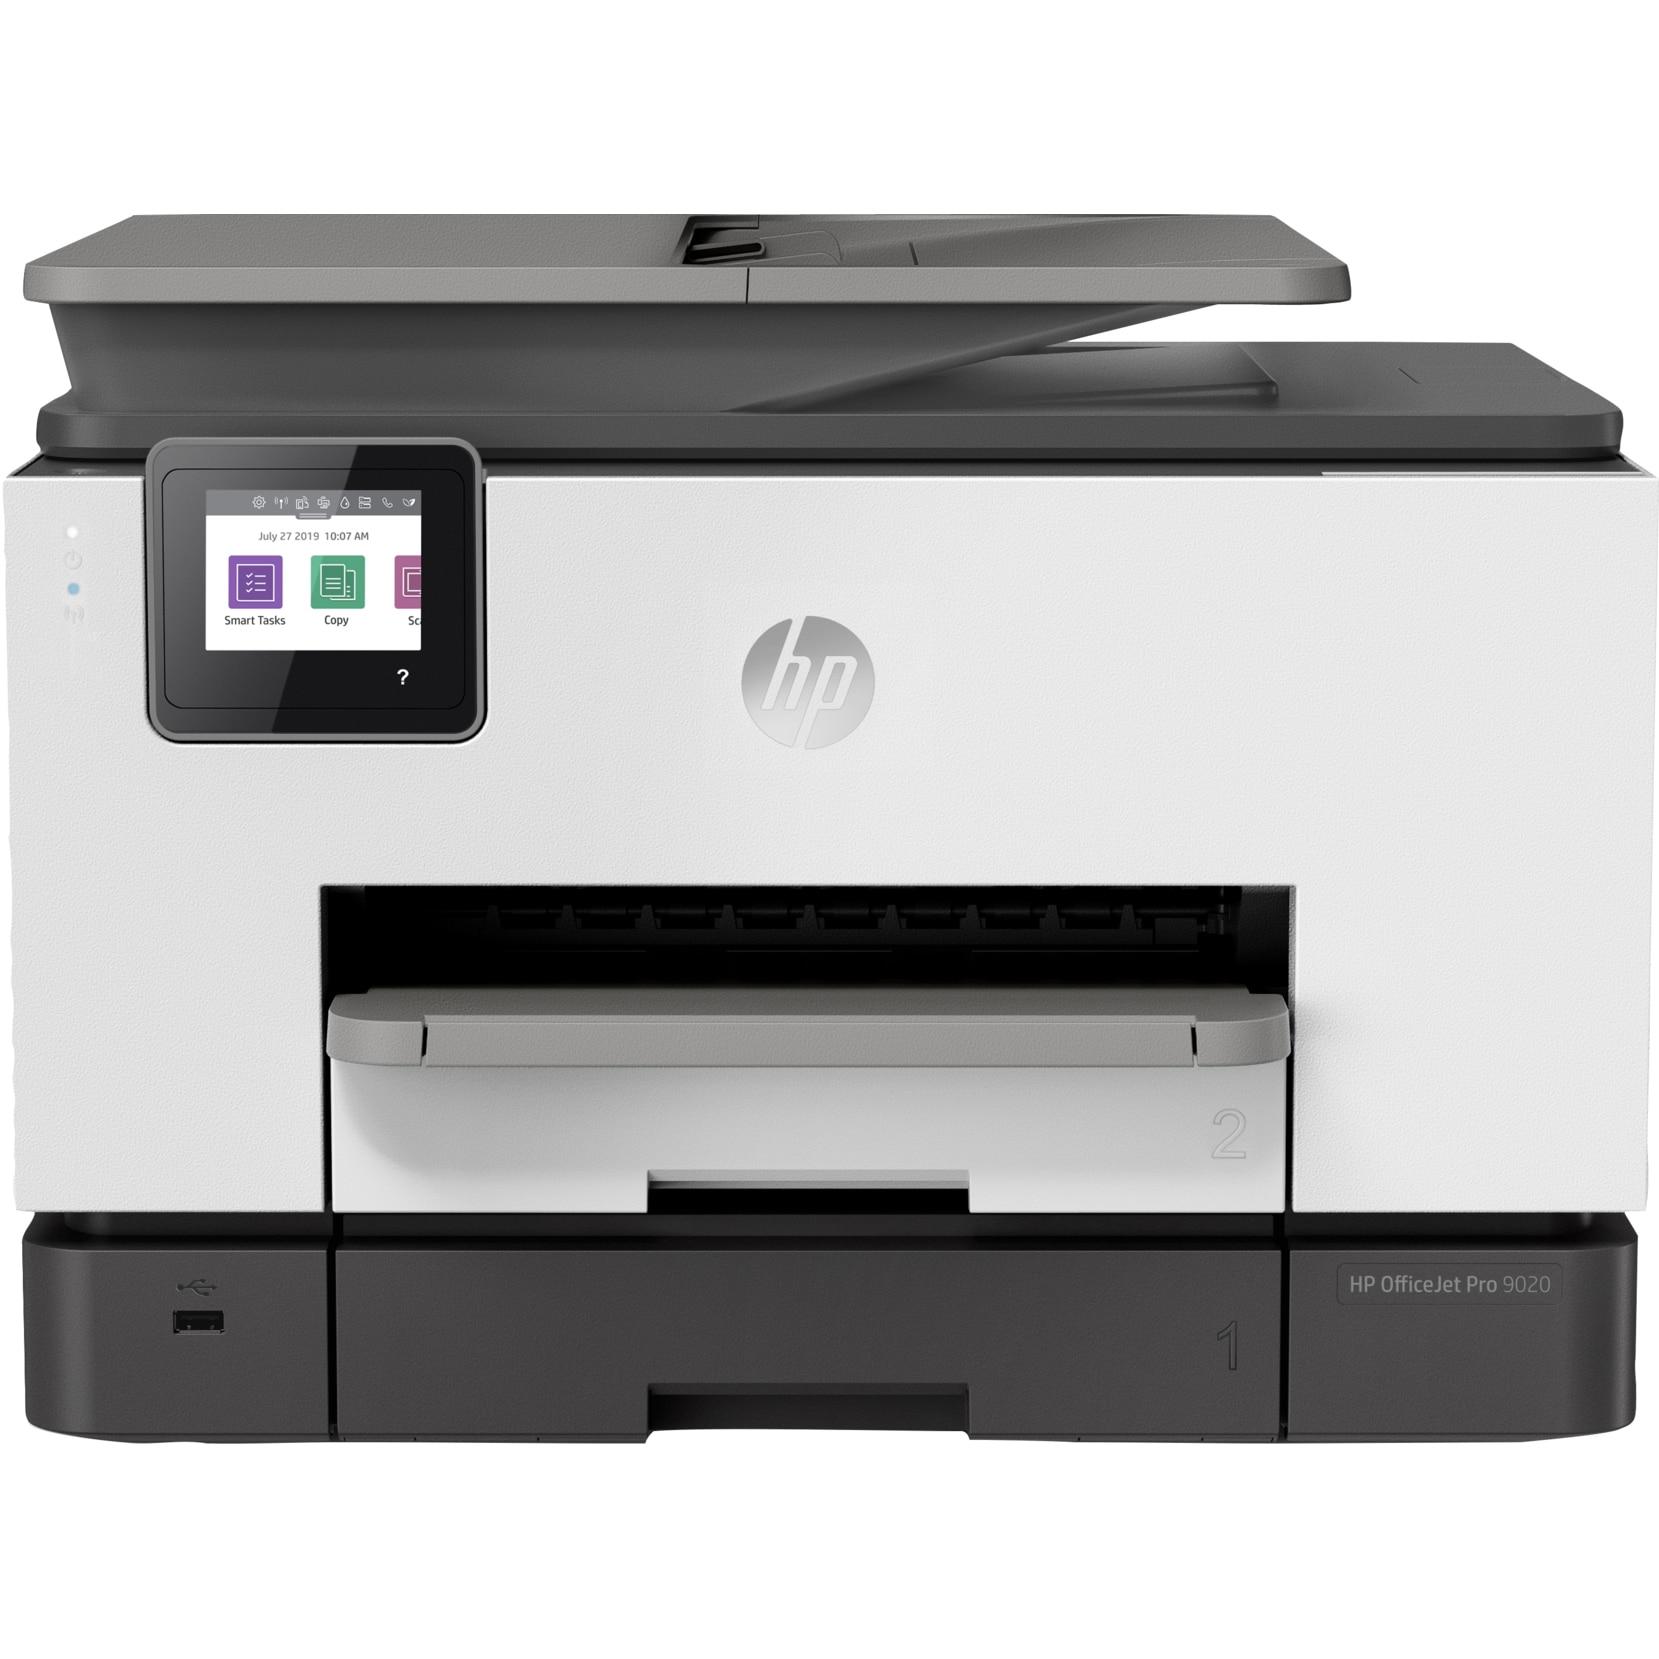 Fotografie Multifunctional inkjet color HP OfficeJet Pro 9020, Retea, Wireless, Duplex, ADF, A4